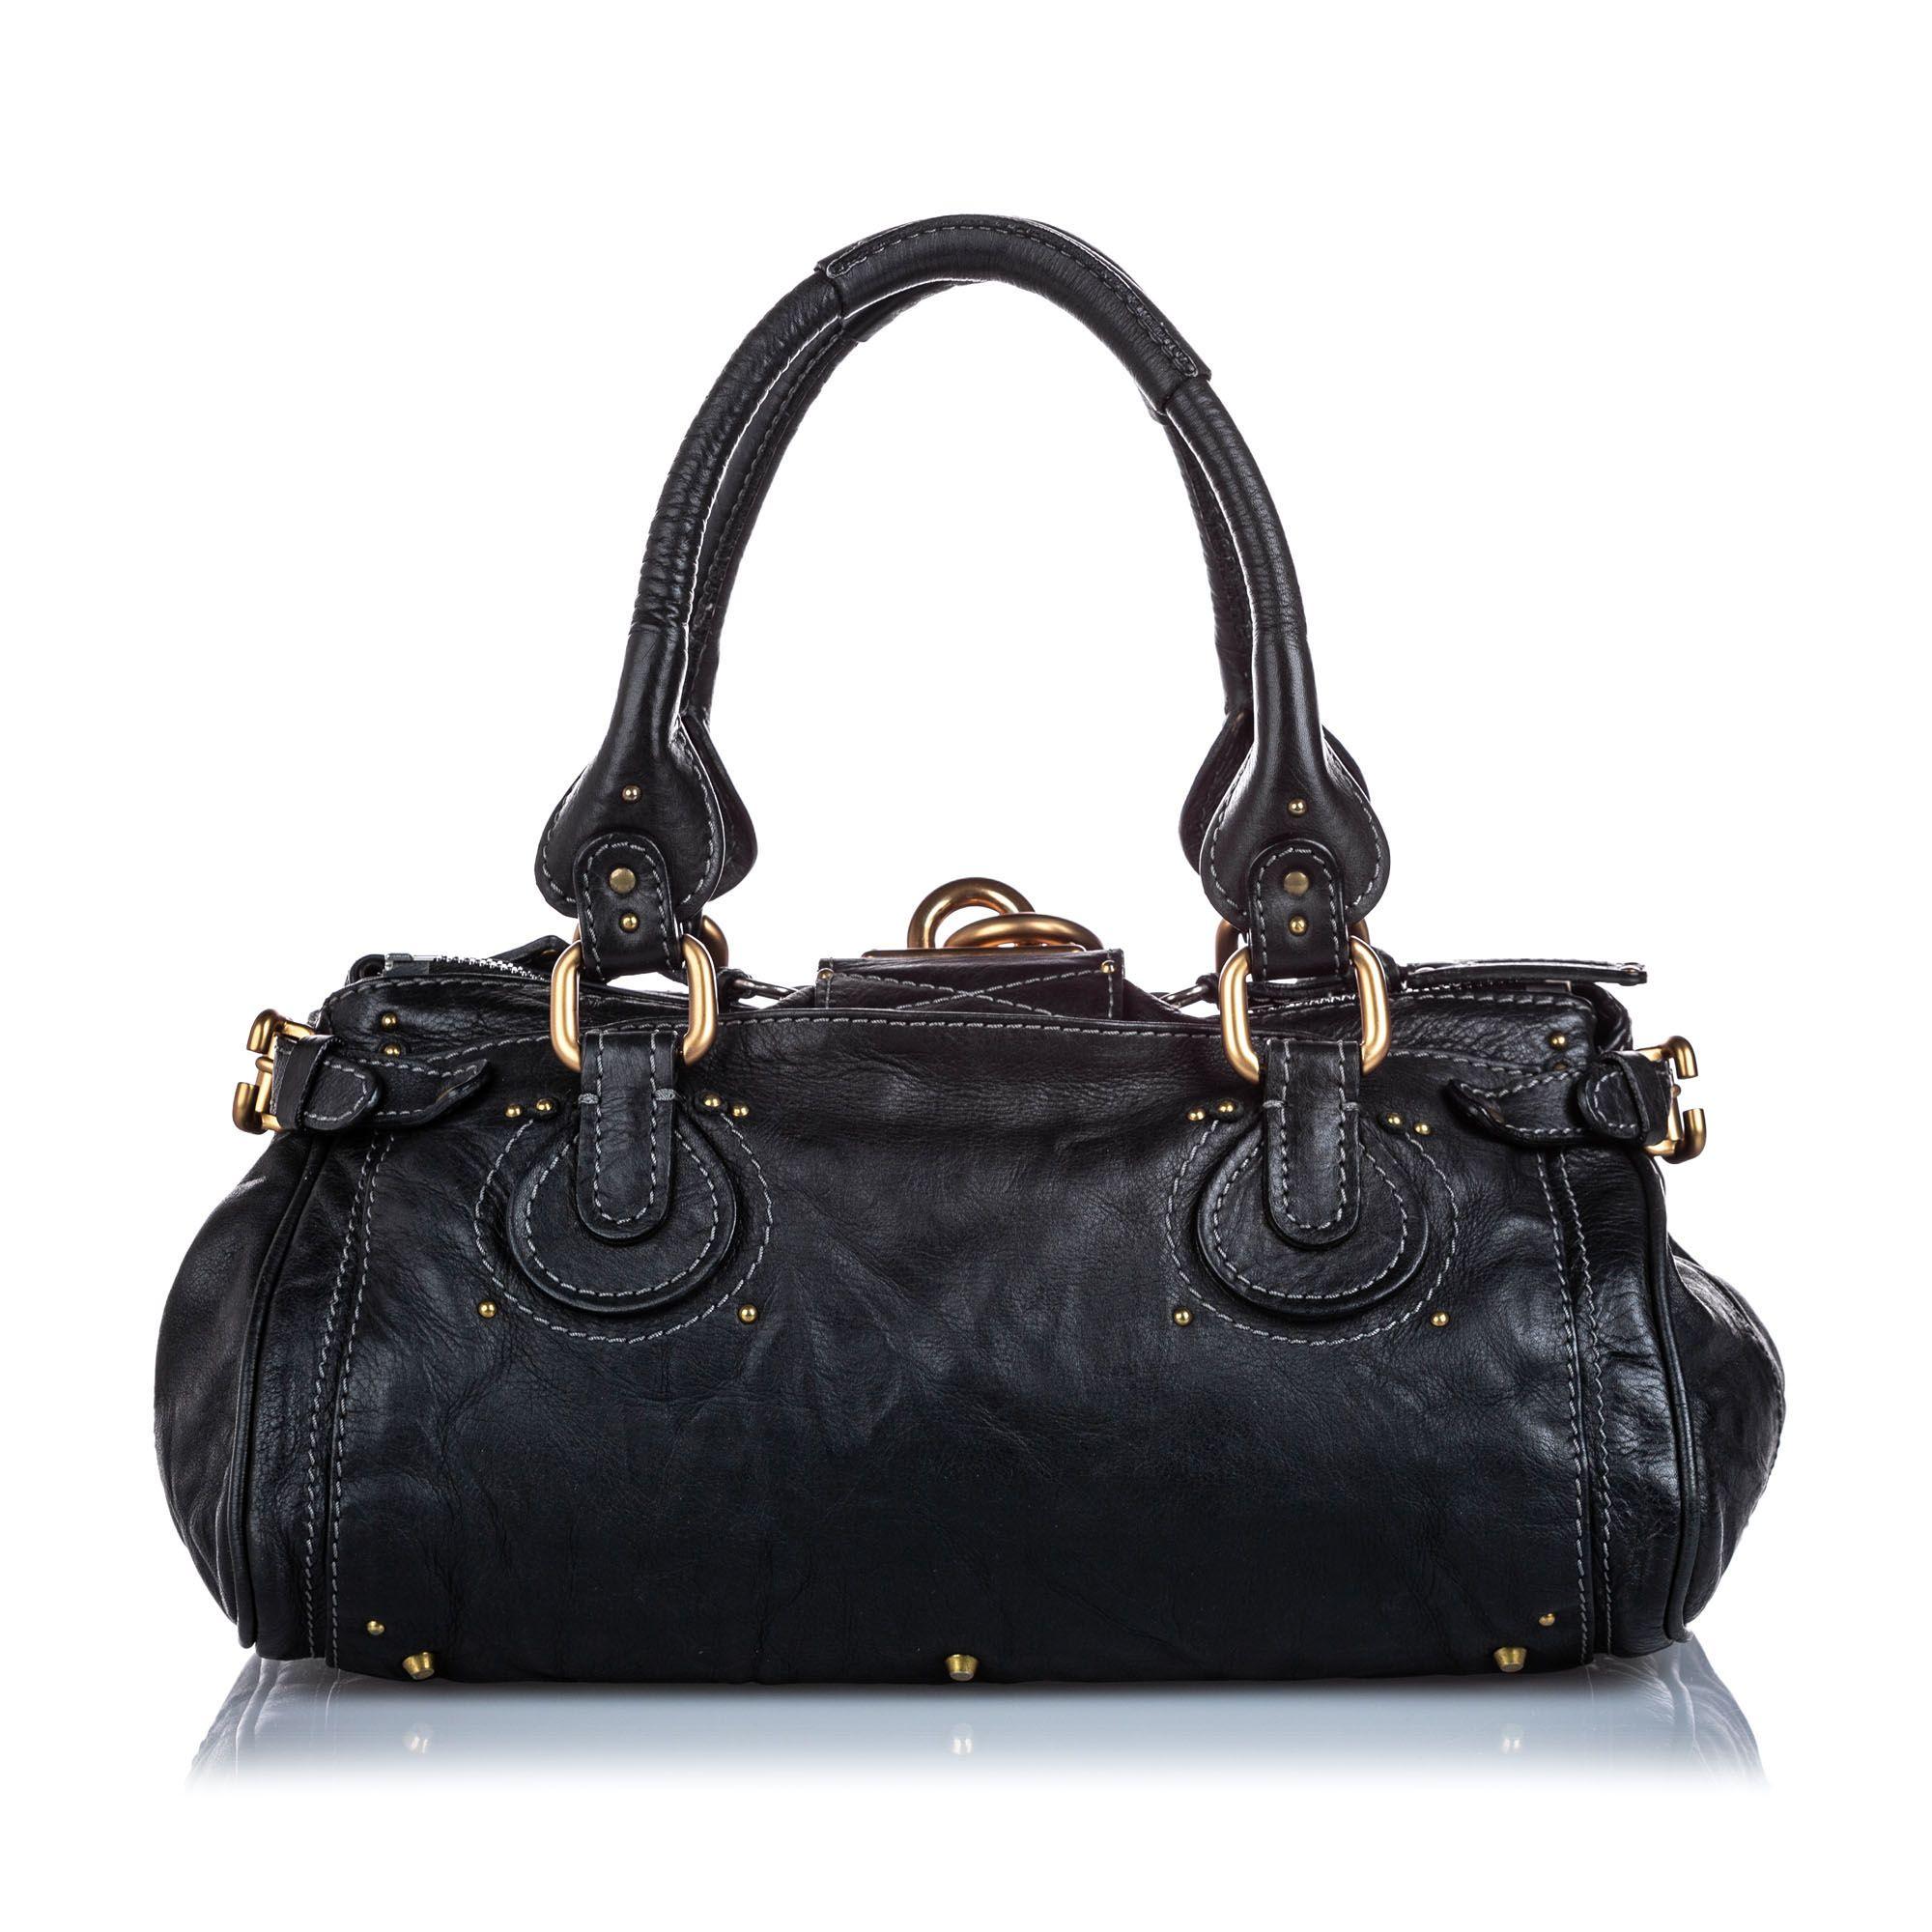 Vintage Chloe Leather Paddington Handbag Black